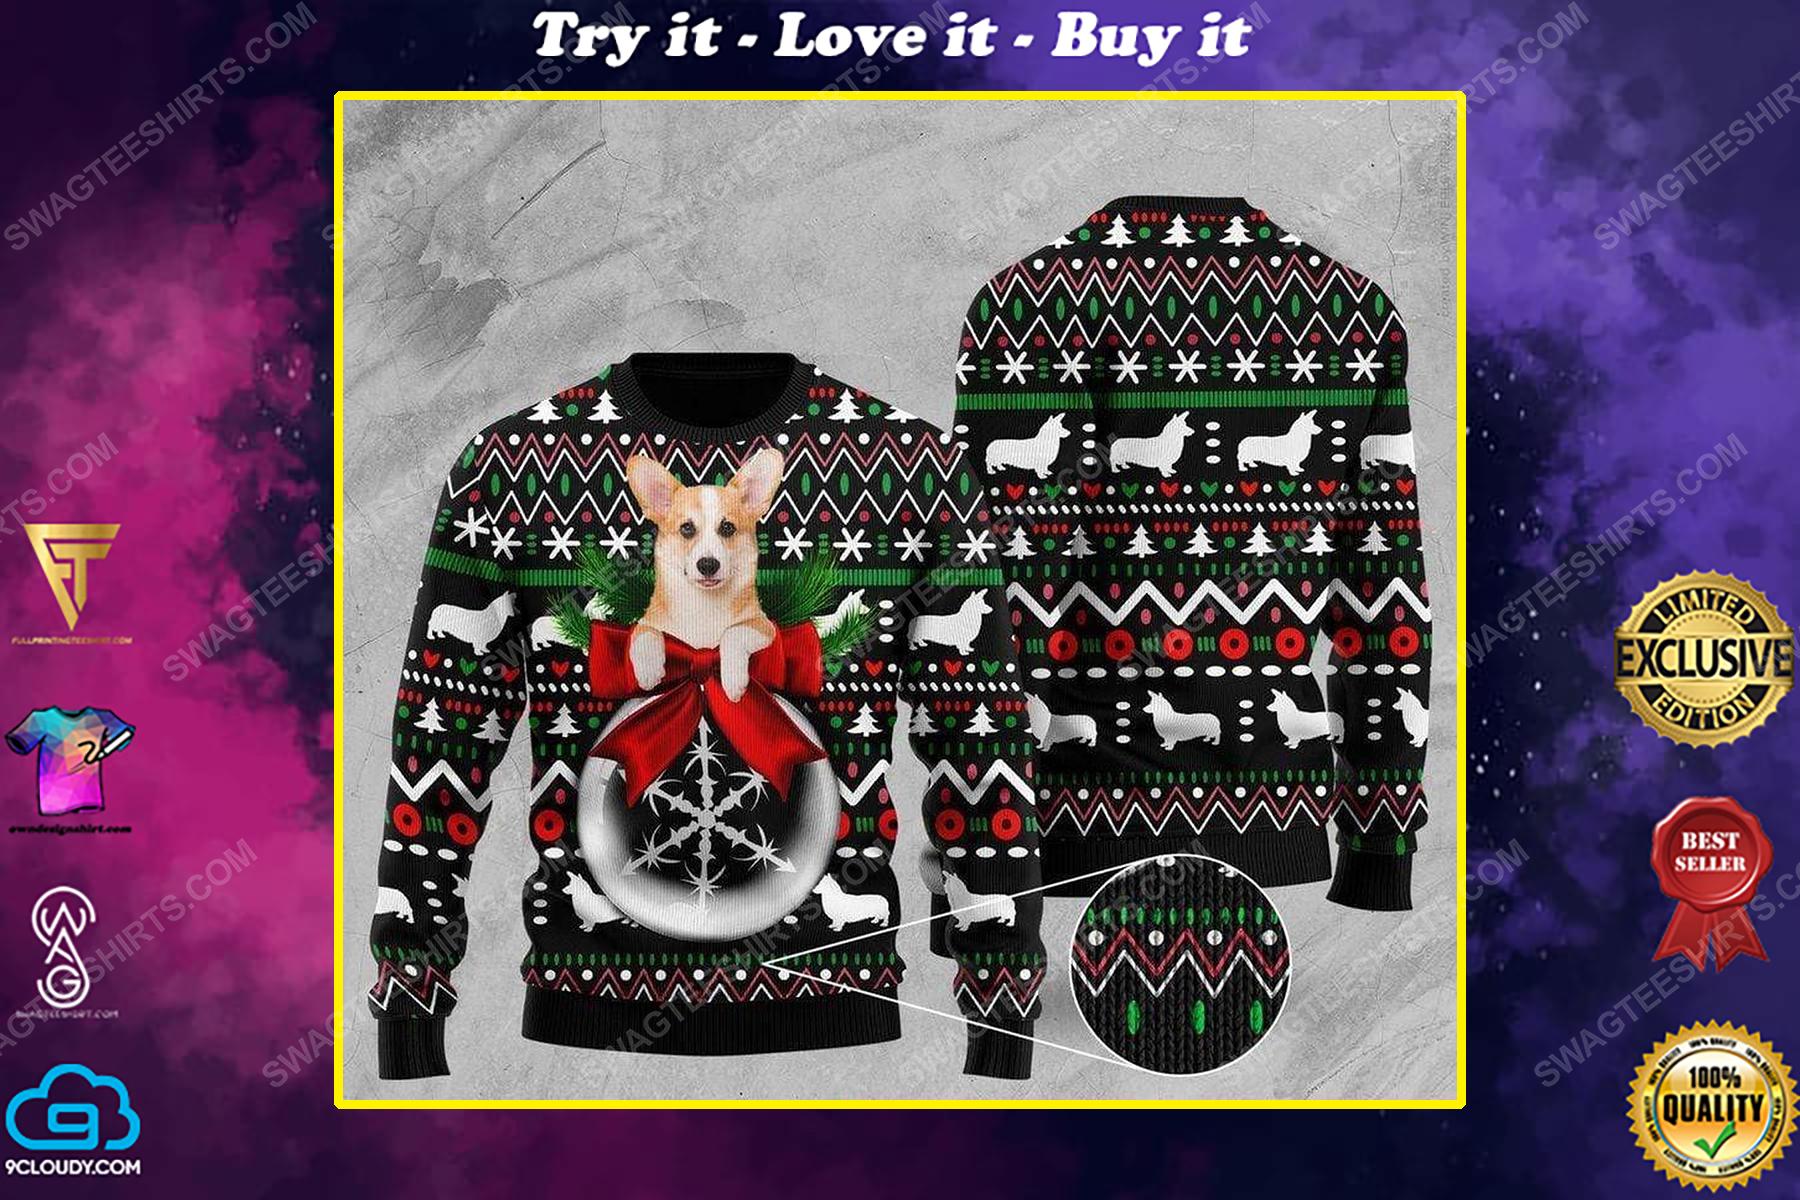 Corgi and wreath all over print ugly christmas sweater